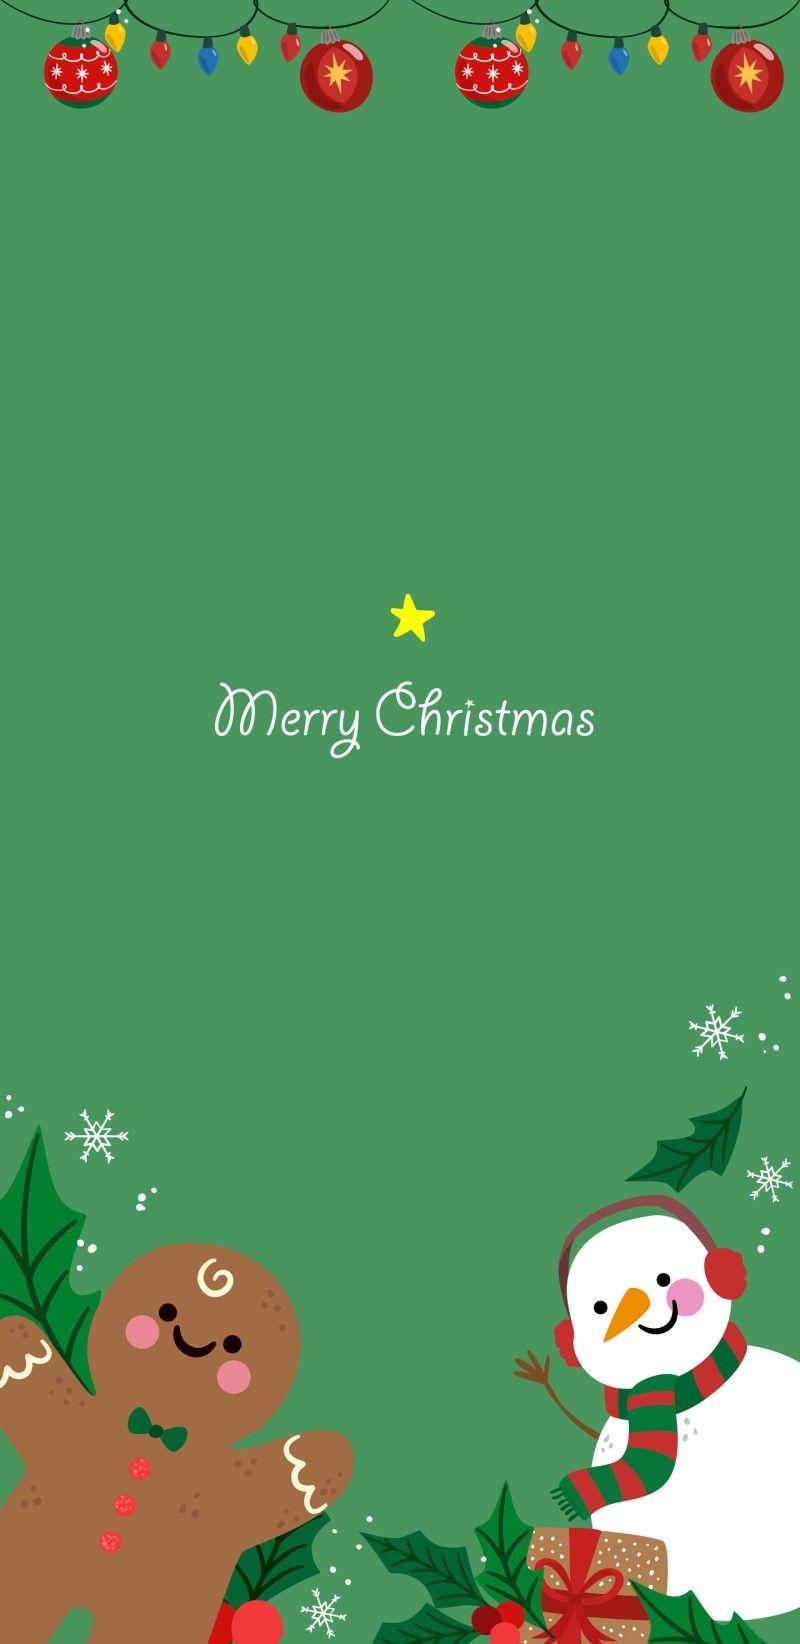 핸드폰배경화면 귀여운 크리스마스 배경화면 네이버 블로그 크리스마스 배경화면 배경화면 크리스마스 카드